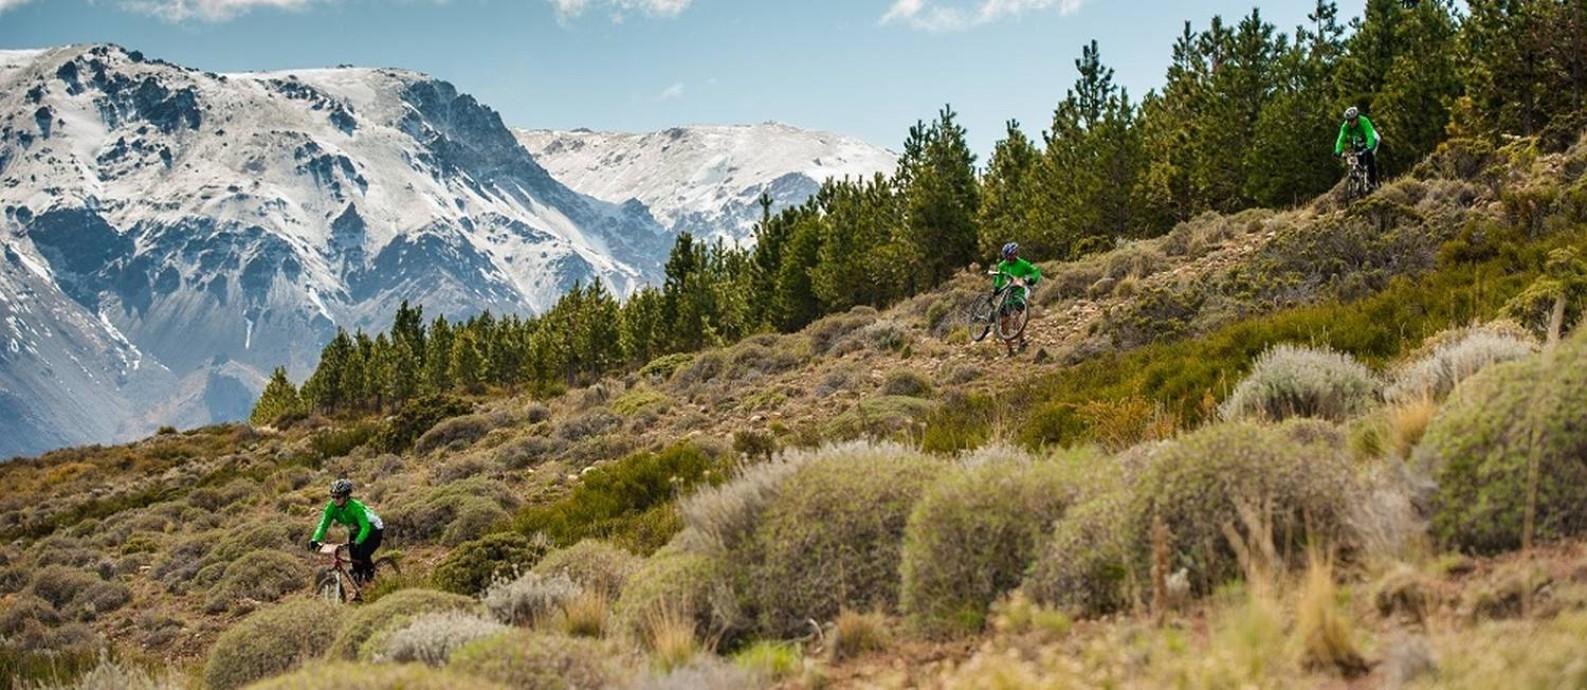 A prova de Mountaing Bike, do Tetratlón de Esquel, percorre 34 quilômetros por trilhas em meio a bosques Foto: Martin Pereyra WWW.MAROTO.COM / Divulgação